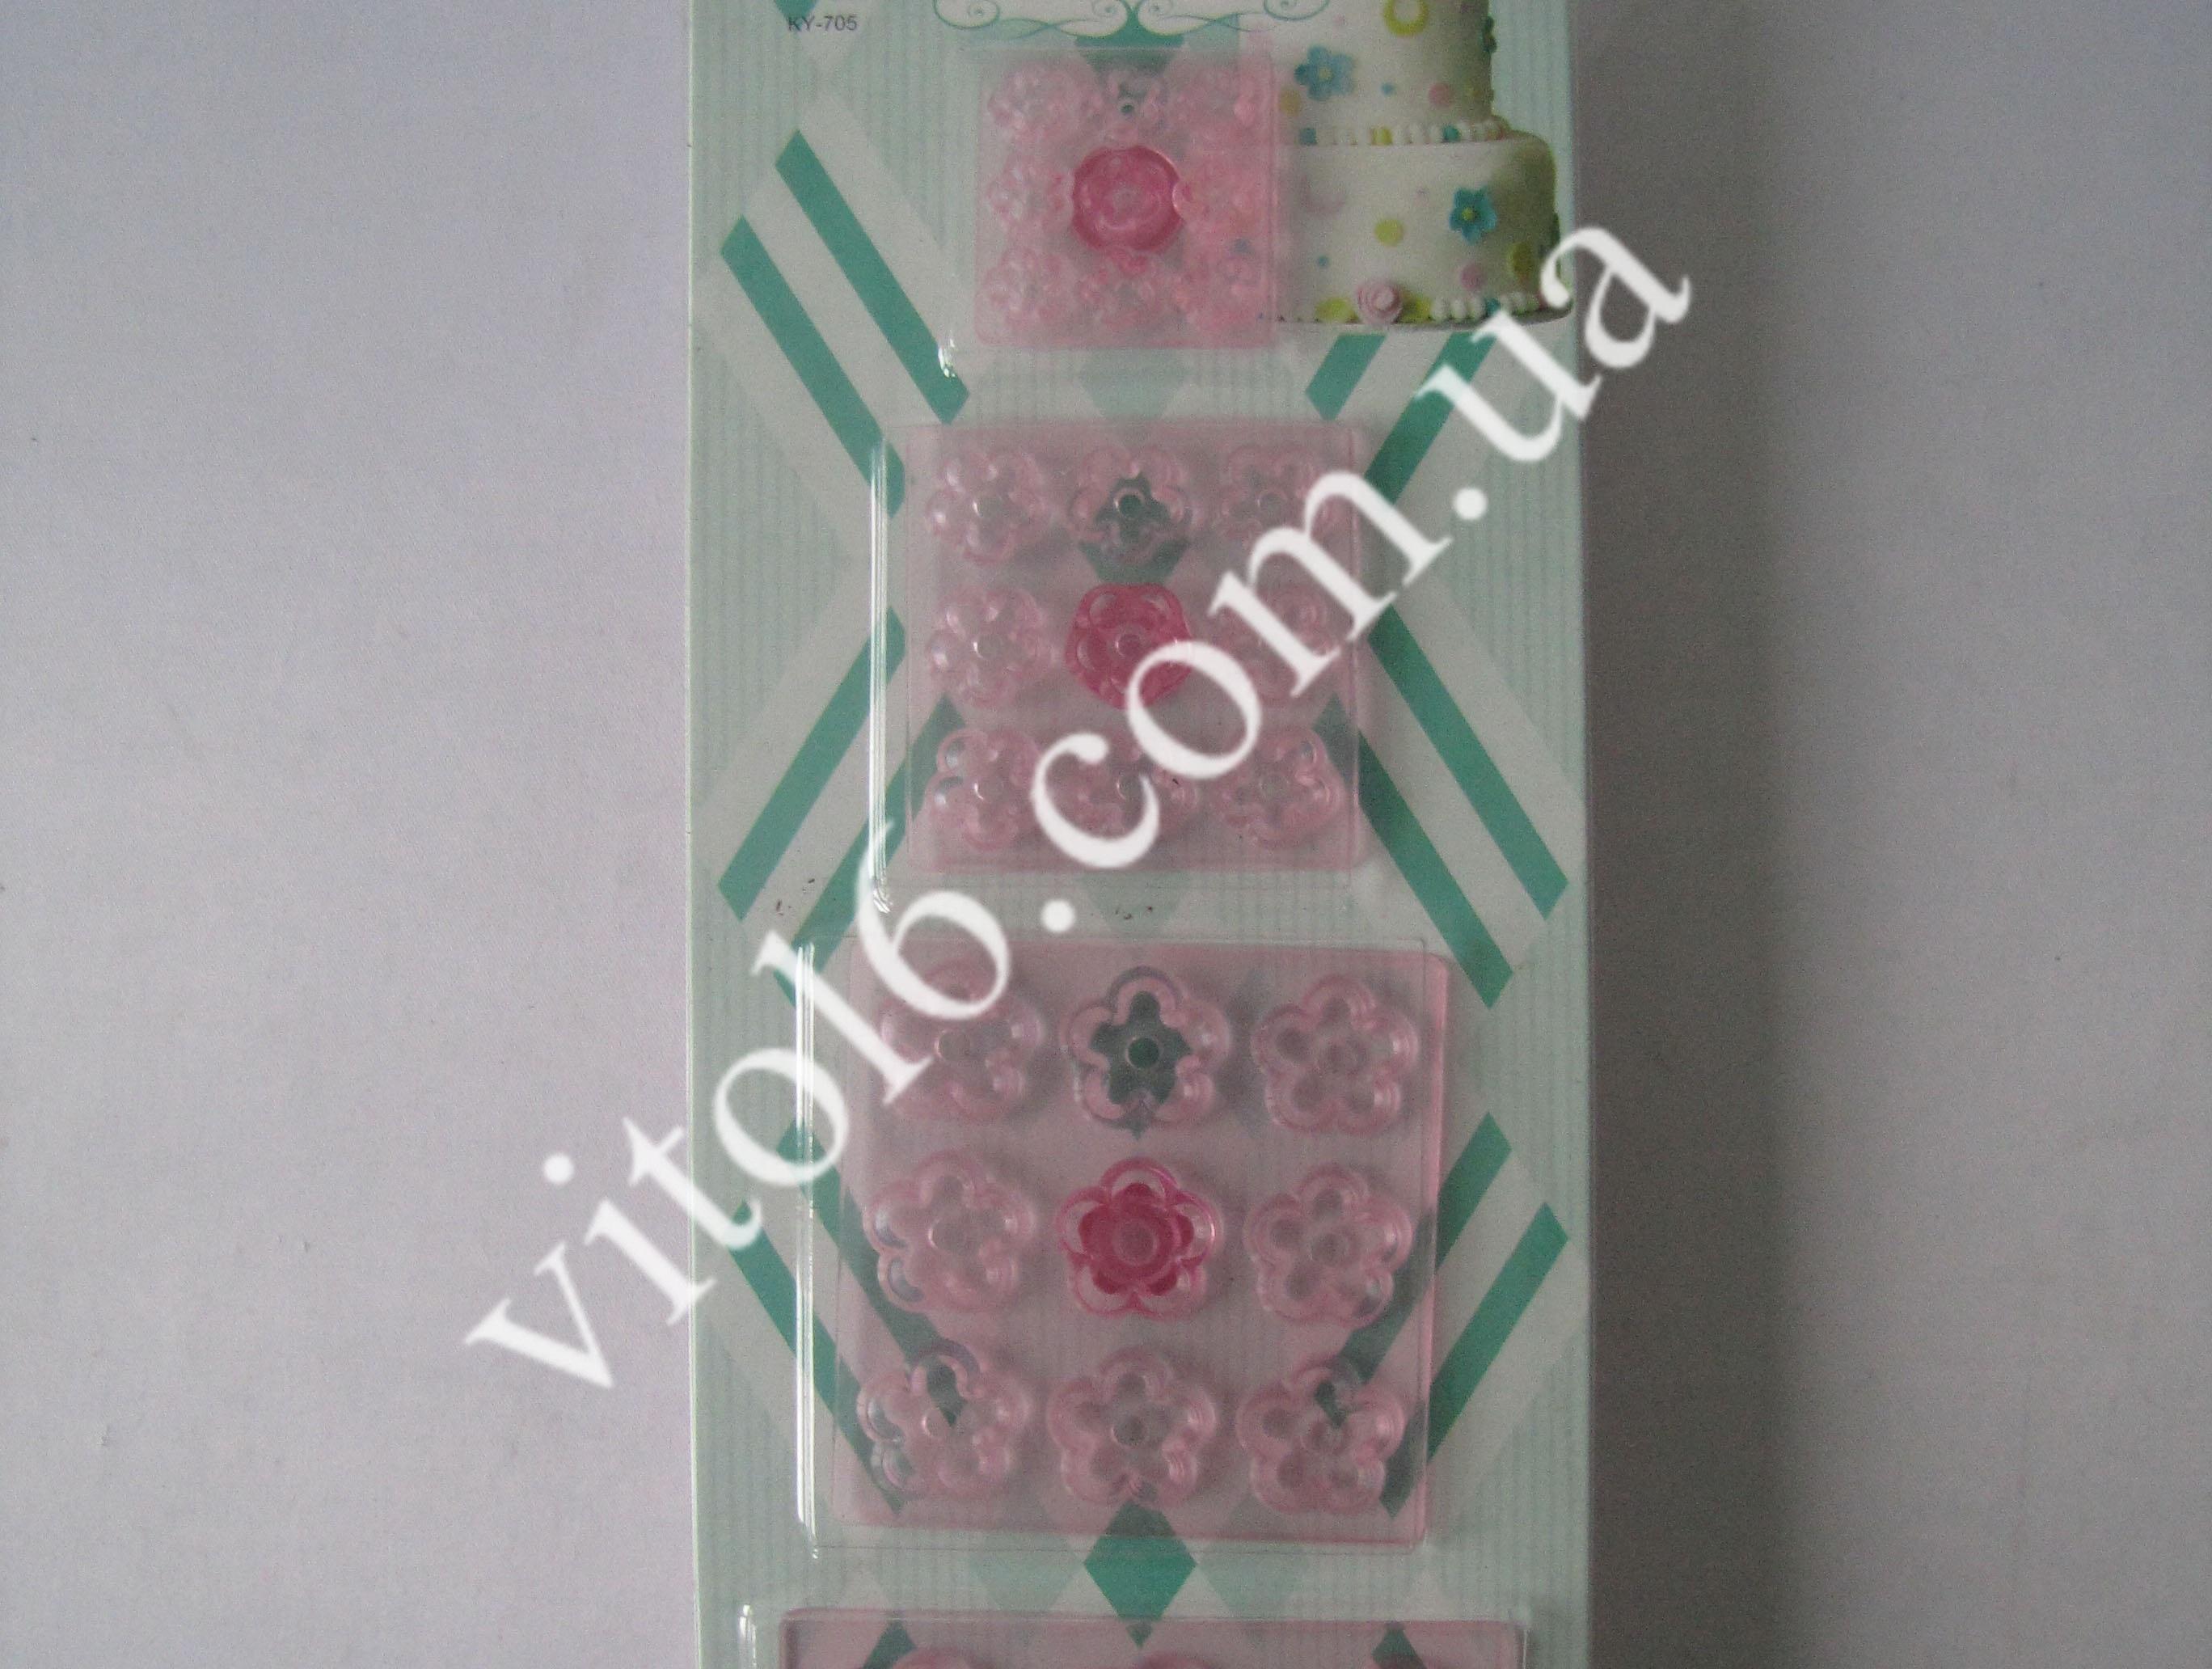 Плунжер пластм.прозр. Мелкие цветочки (4)VT6-17852